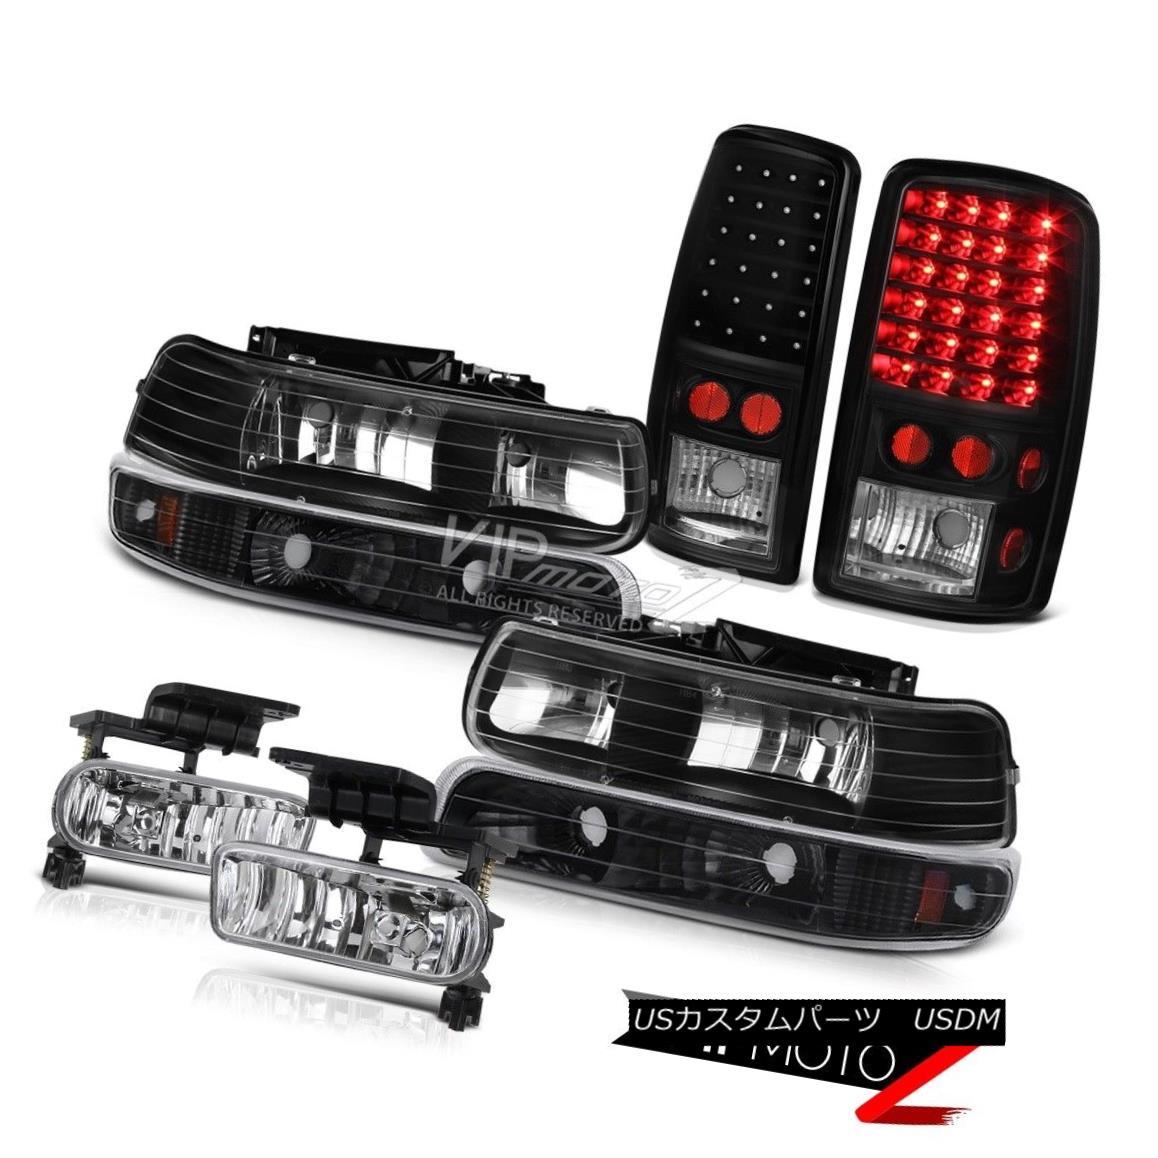 ヘッドライト 2000-2006 Tahoe Black Parking Headlights Tail Lights Assembly LED Driving Fog 2000-2006タホブラックパーキングヘッドライトテールライト組立LEDドライビングフォグ